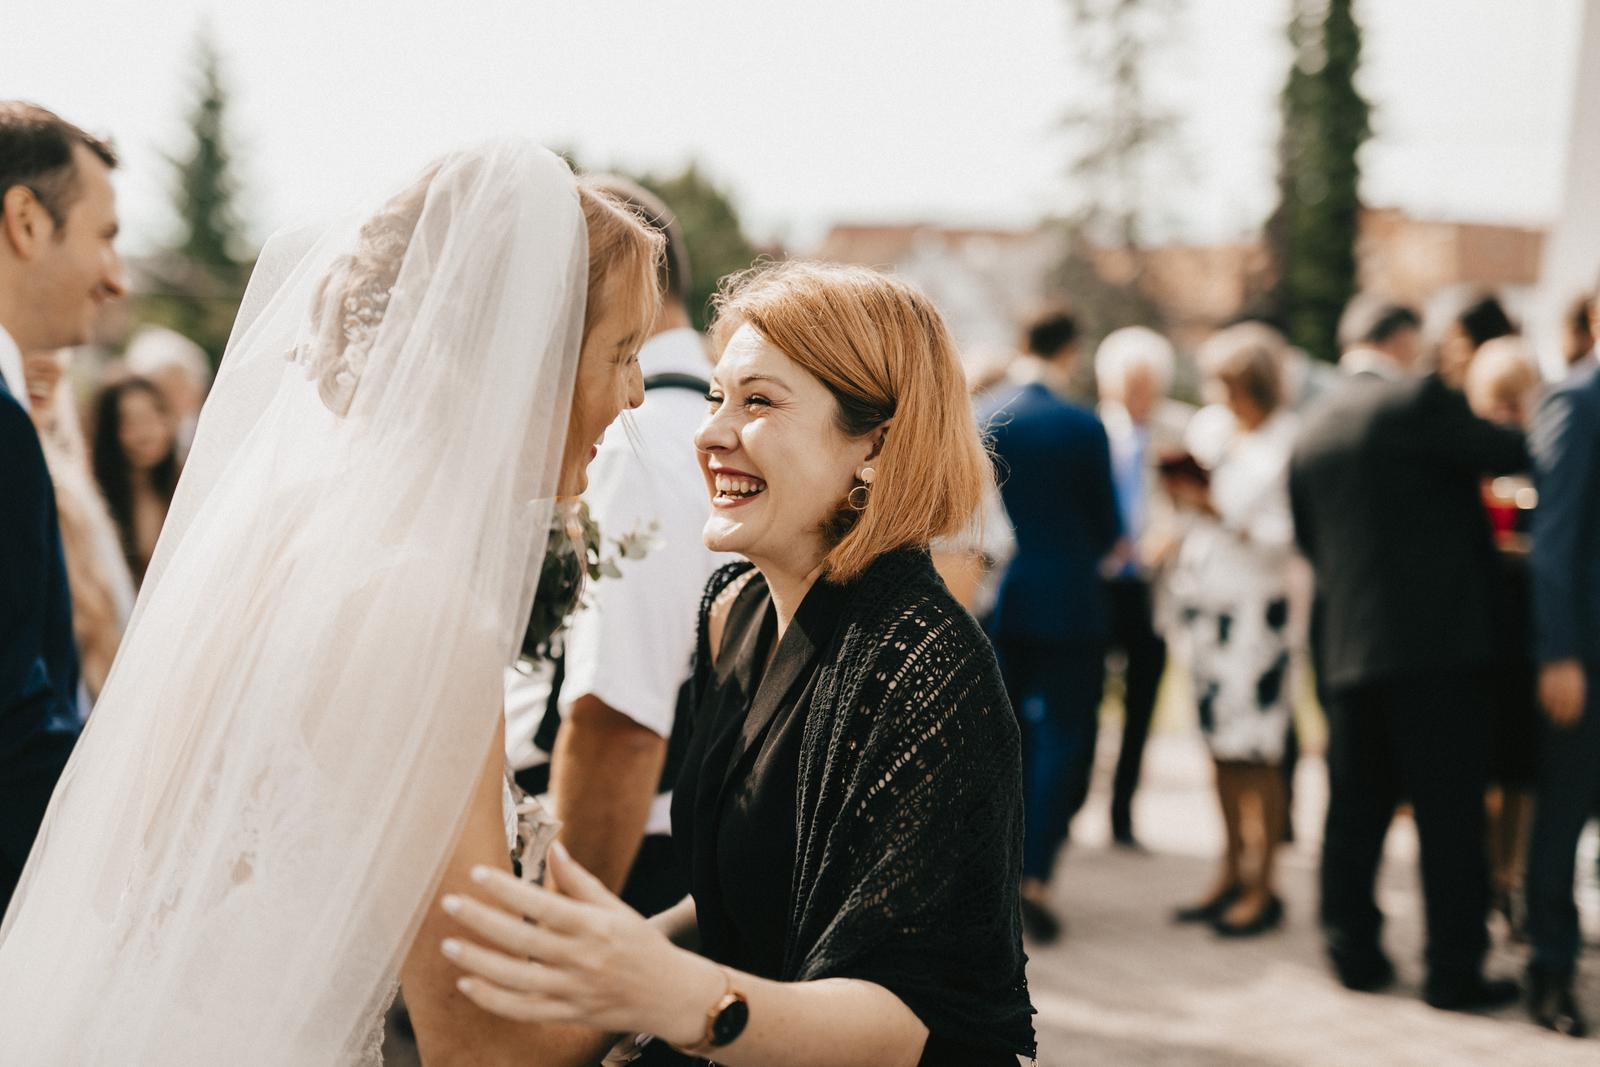 Tento rok sme aj my boli na jednej krásnej svadbe mojej spolužiačky Aničky a jej francúzskeho manžela Thierryho. Svadba sa konala na Sliači v Golf Resort Tri duby a bola skvelá :) Pilo sa slovenské aj francúzske víno, nechýbali slovenské zvyky a tradície, a aj môjmu španielskemu Tonymu sa veľmi páčili. Najmä čepčenie a cimbalovka boli super. Sobáš bol v katolíckom kostole na Sliači. Čoskoro s Aničkou pripravím aj rozhovor a bude aj viac fotiek! - Obrázok č. 2